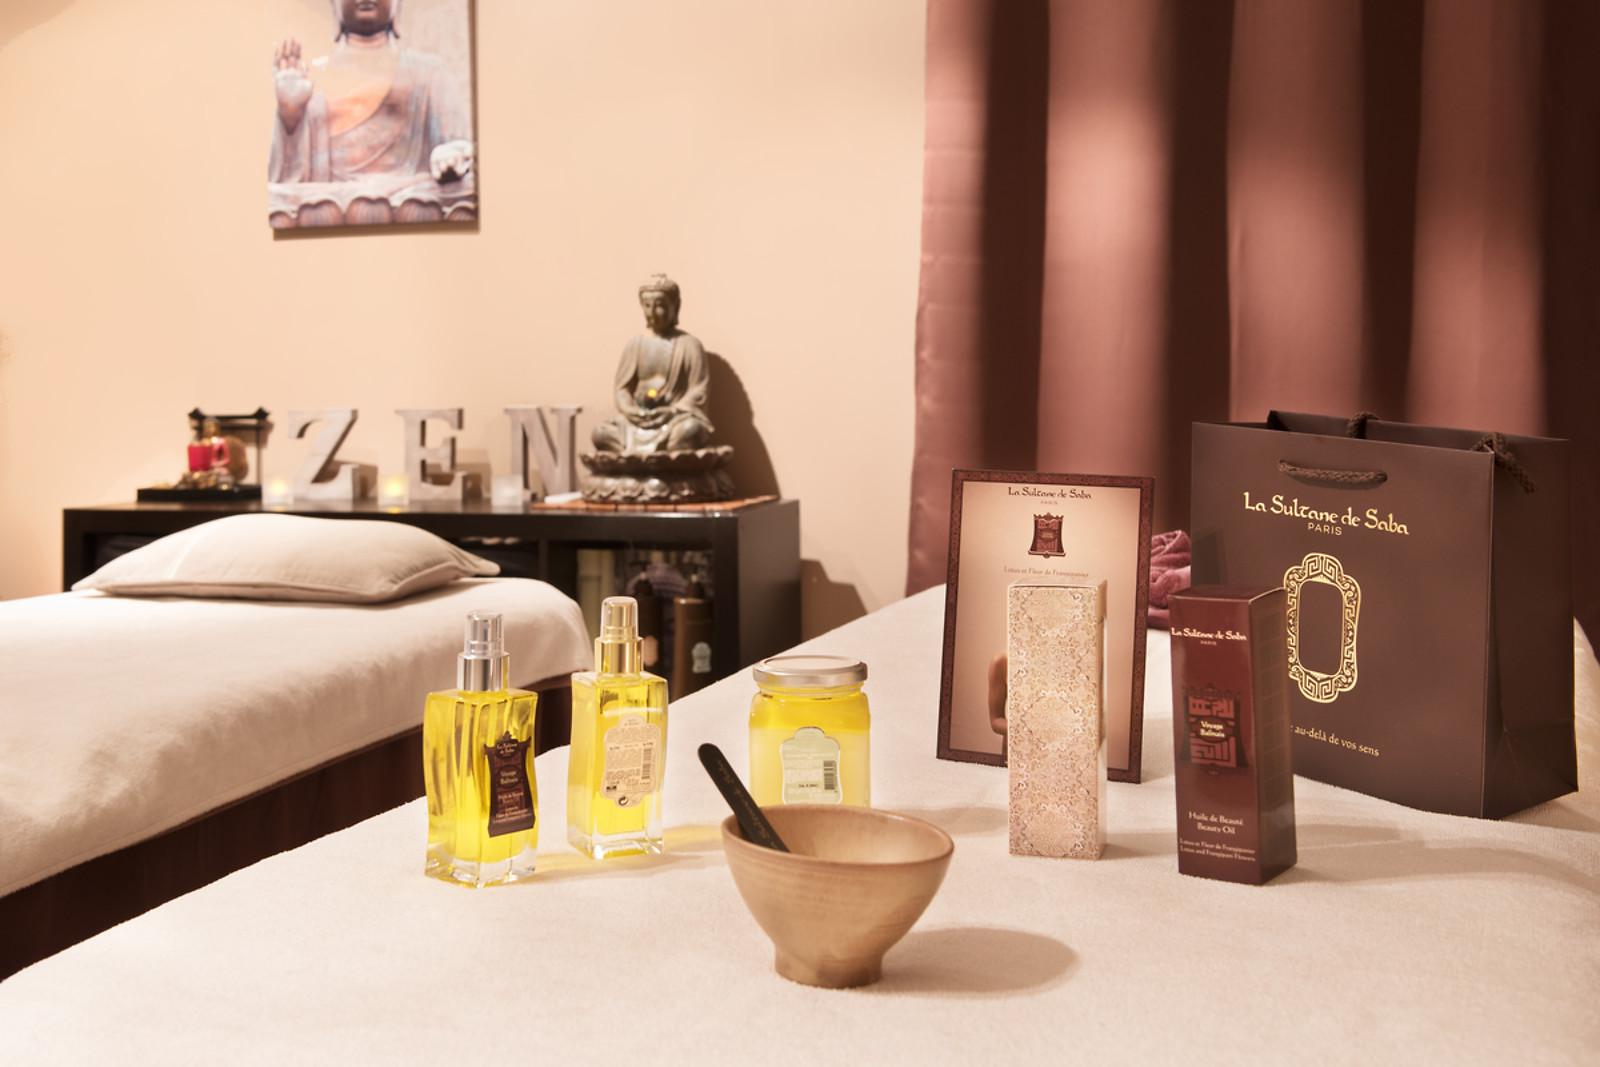 modelage californien 2 chez sabrina beaut et spa angoulins 17 wonderbox. Black Bedroom Furniture Sets. Home Design Ideas